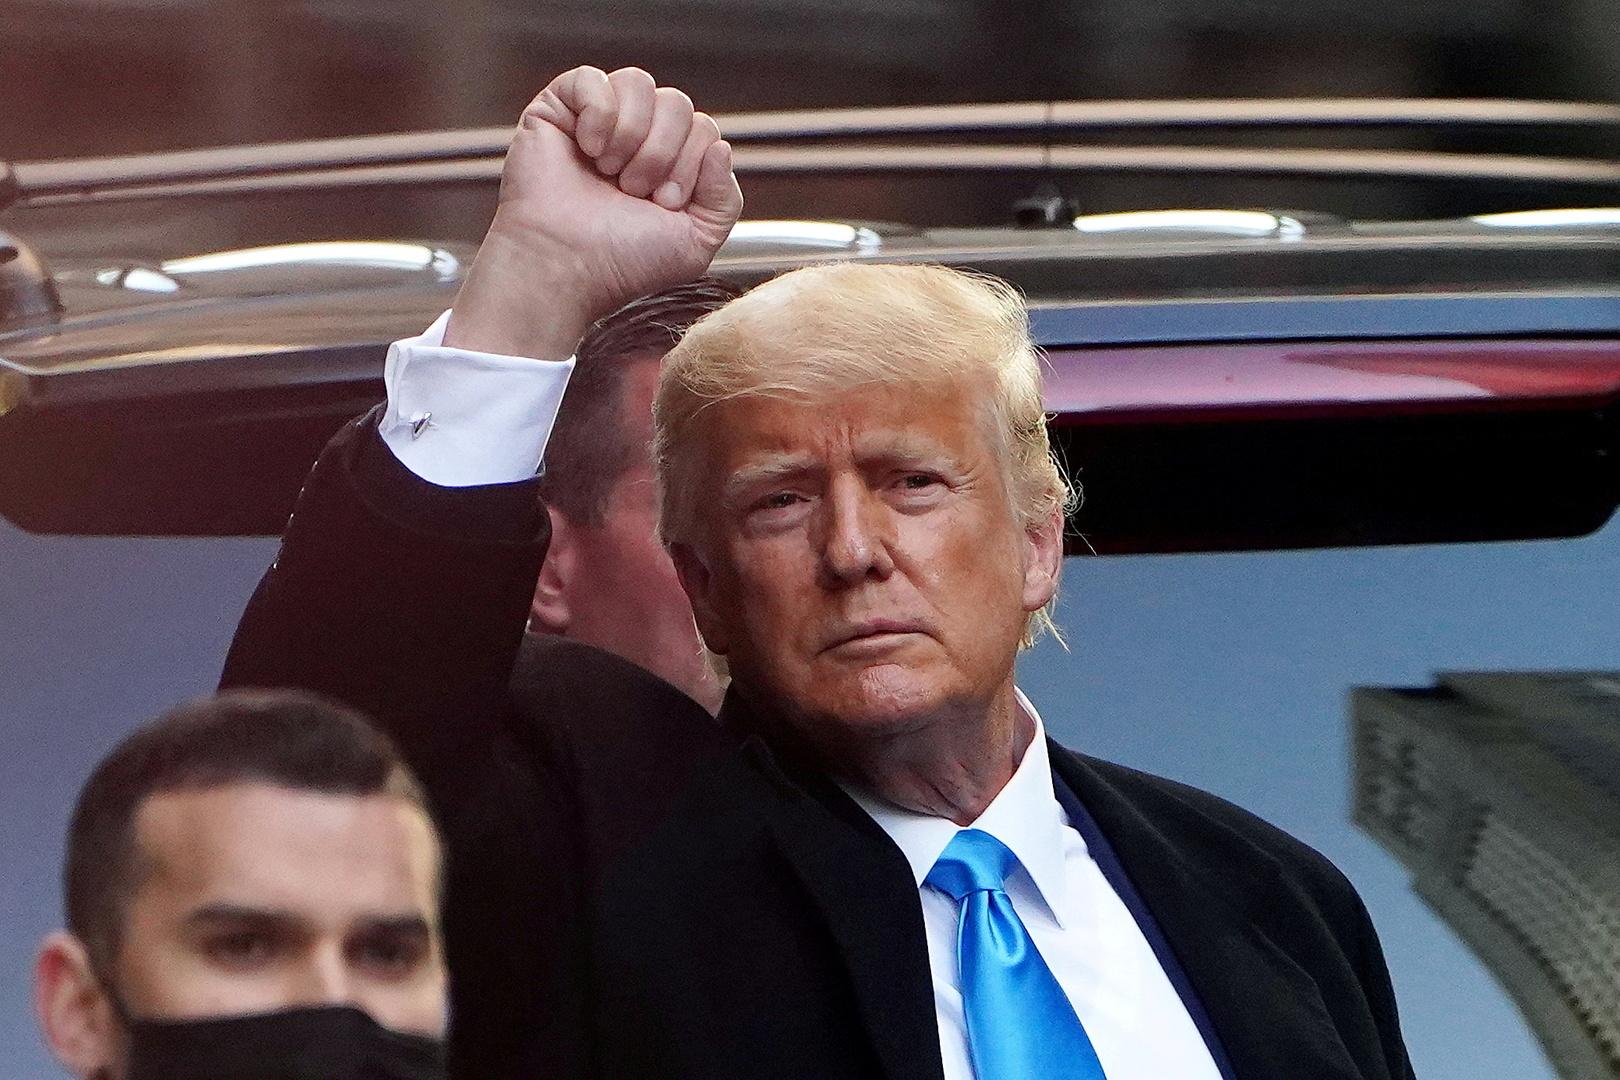 ترامب سيتخذ قراره النهائي حول ترشحه لولاية ثانية بعد انتخابات التجديد النصفي